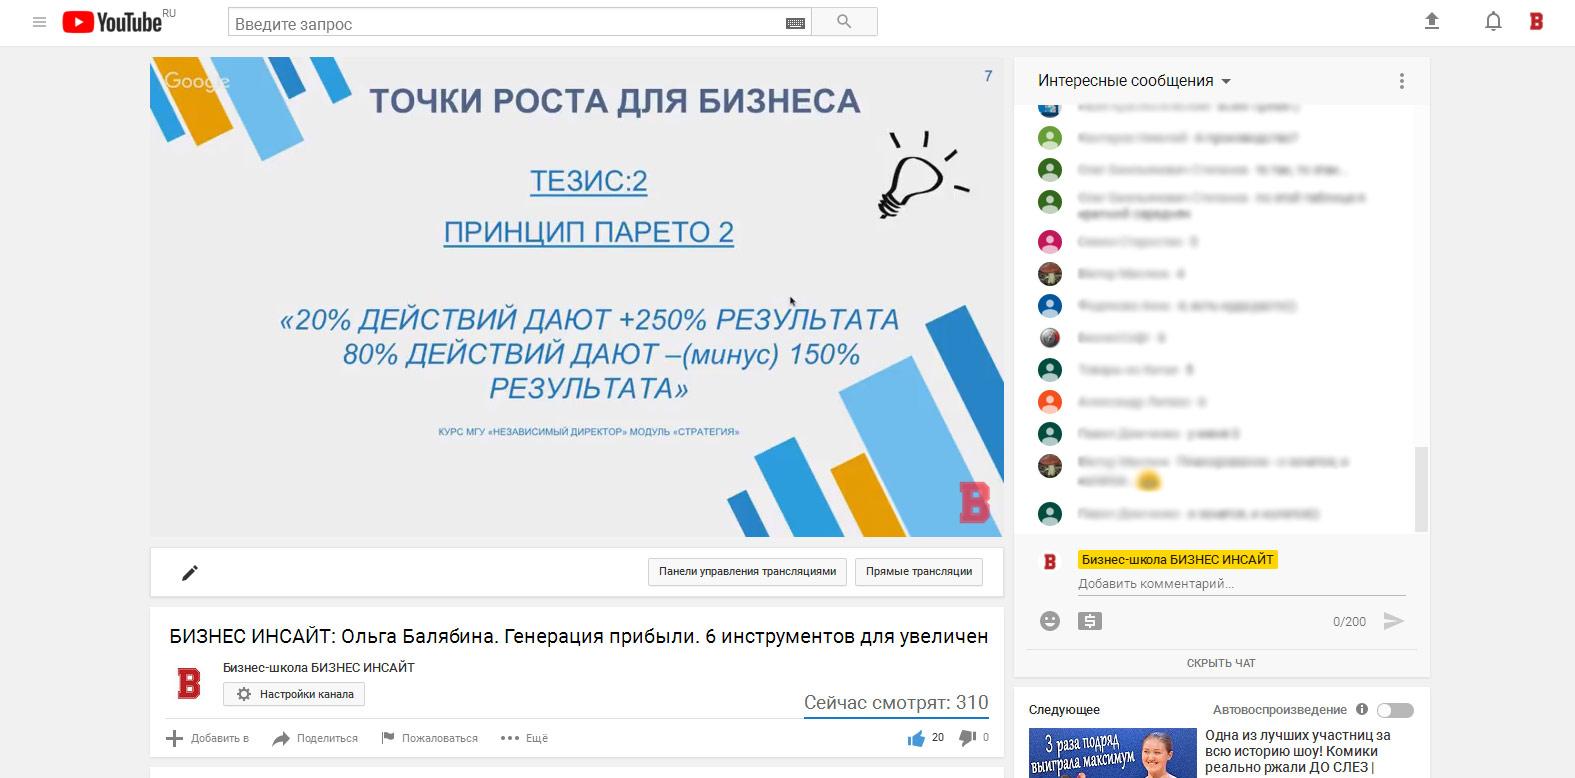 Ольга Балябина провела открытый (бесплатный) вебинар на площадке БИЗНЕС ИНСАЙТ